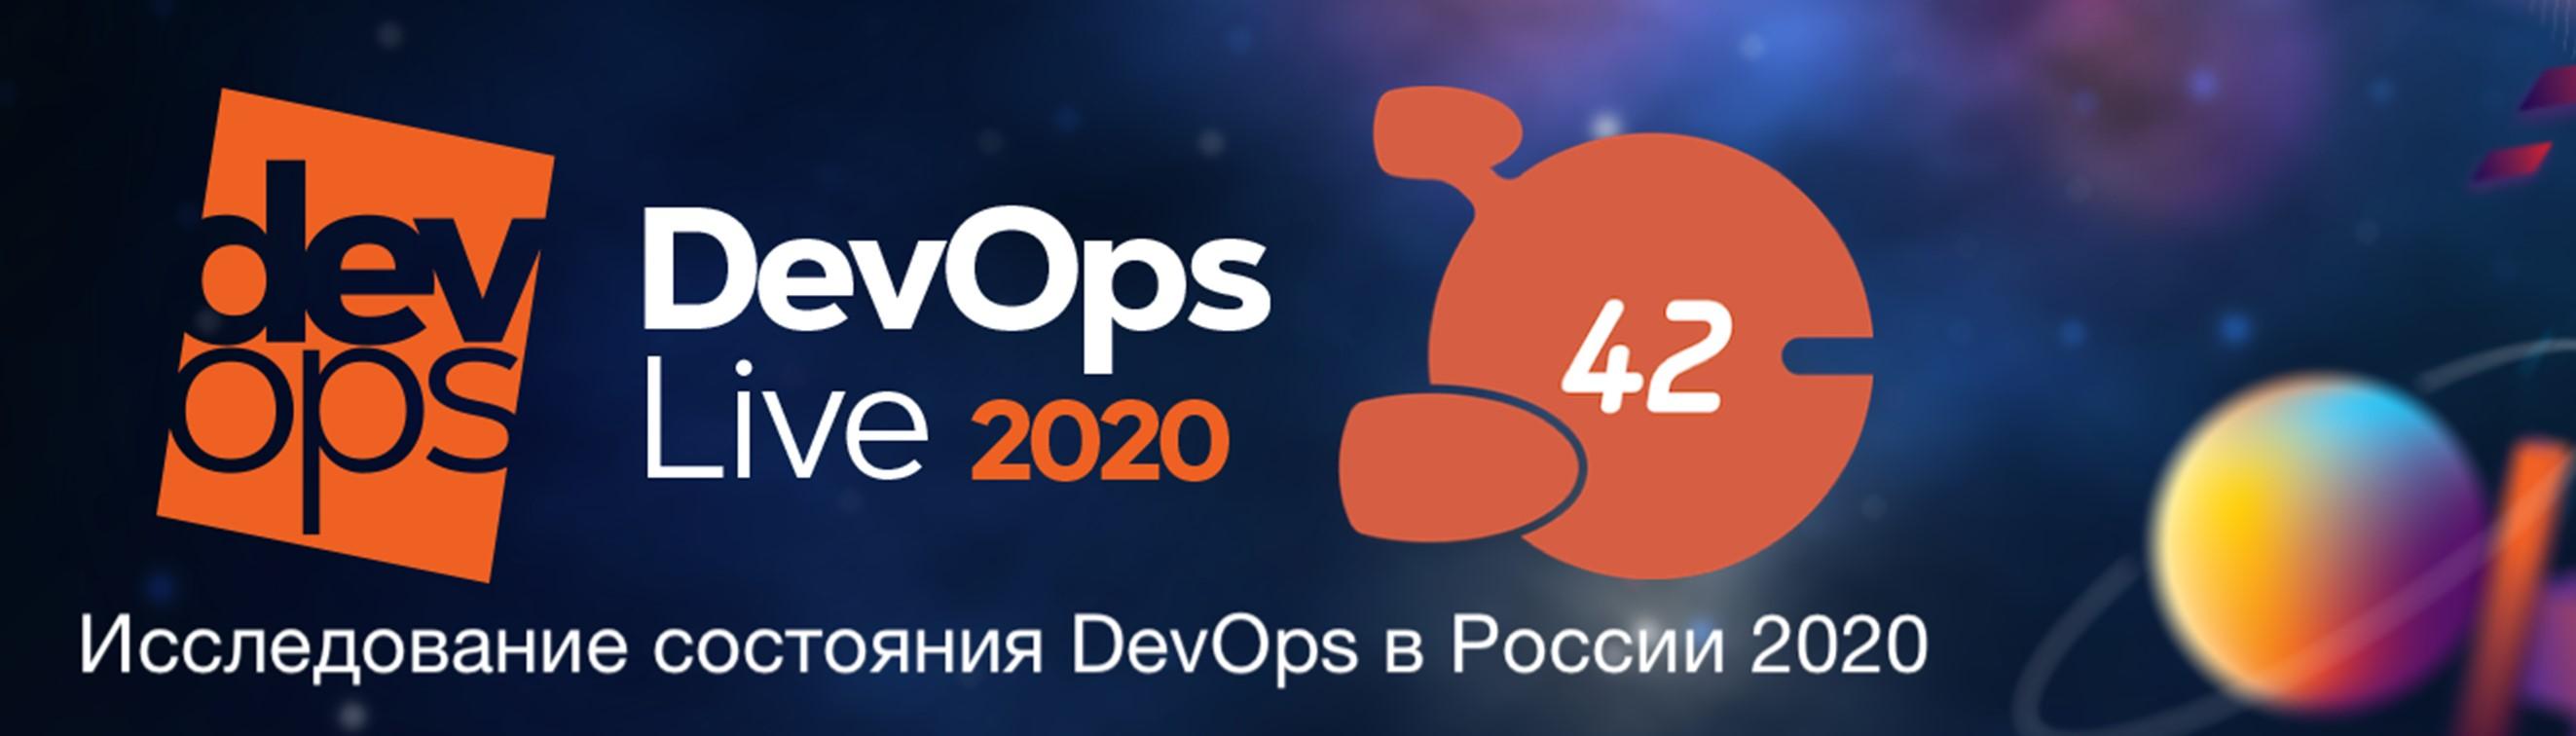 Первое исследование состояния DevOps в России